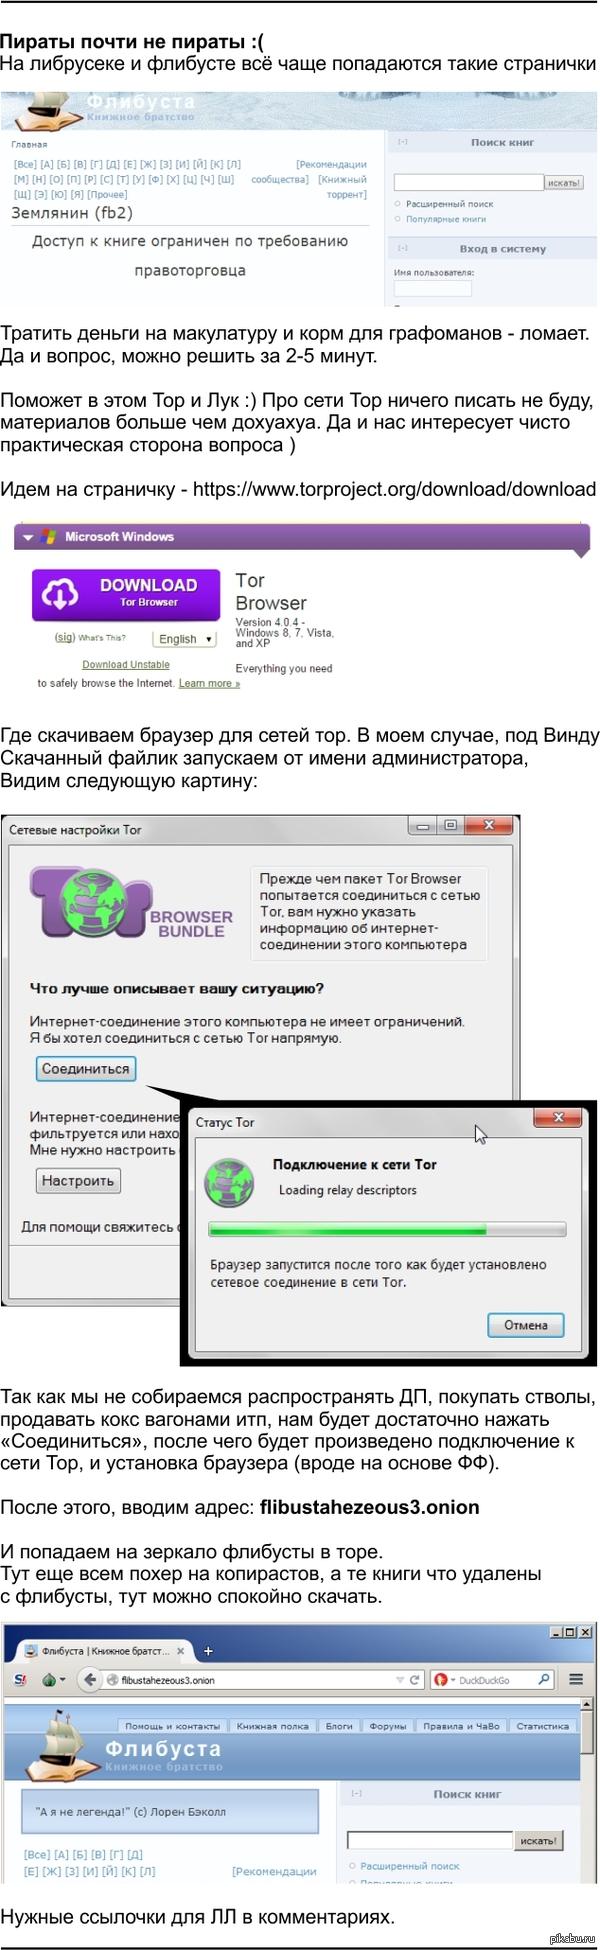 Что такое тор браузер флибуста гирда ключи для tor browser гидра